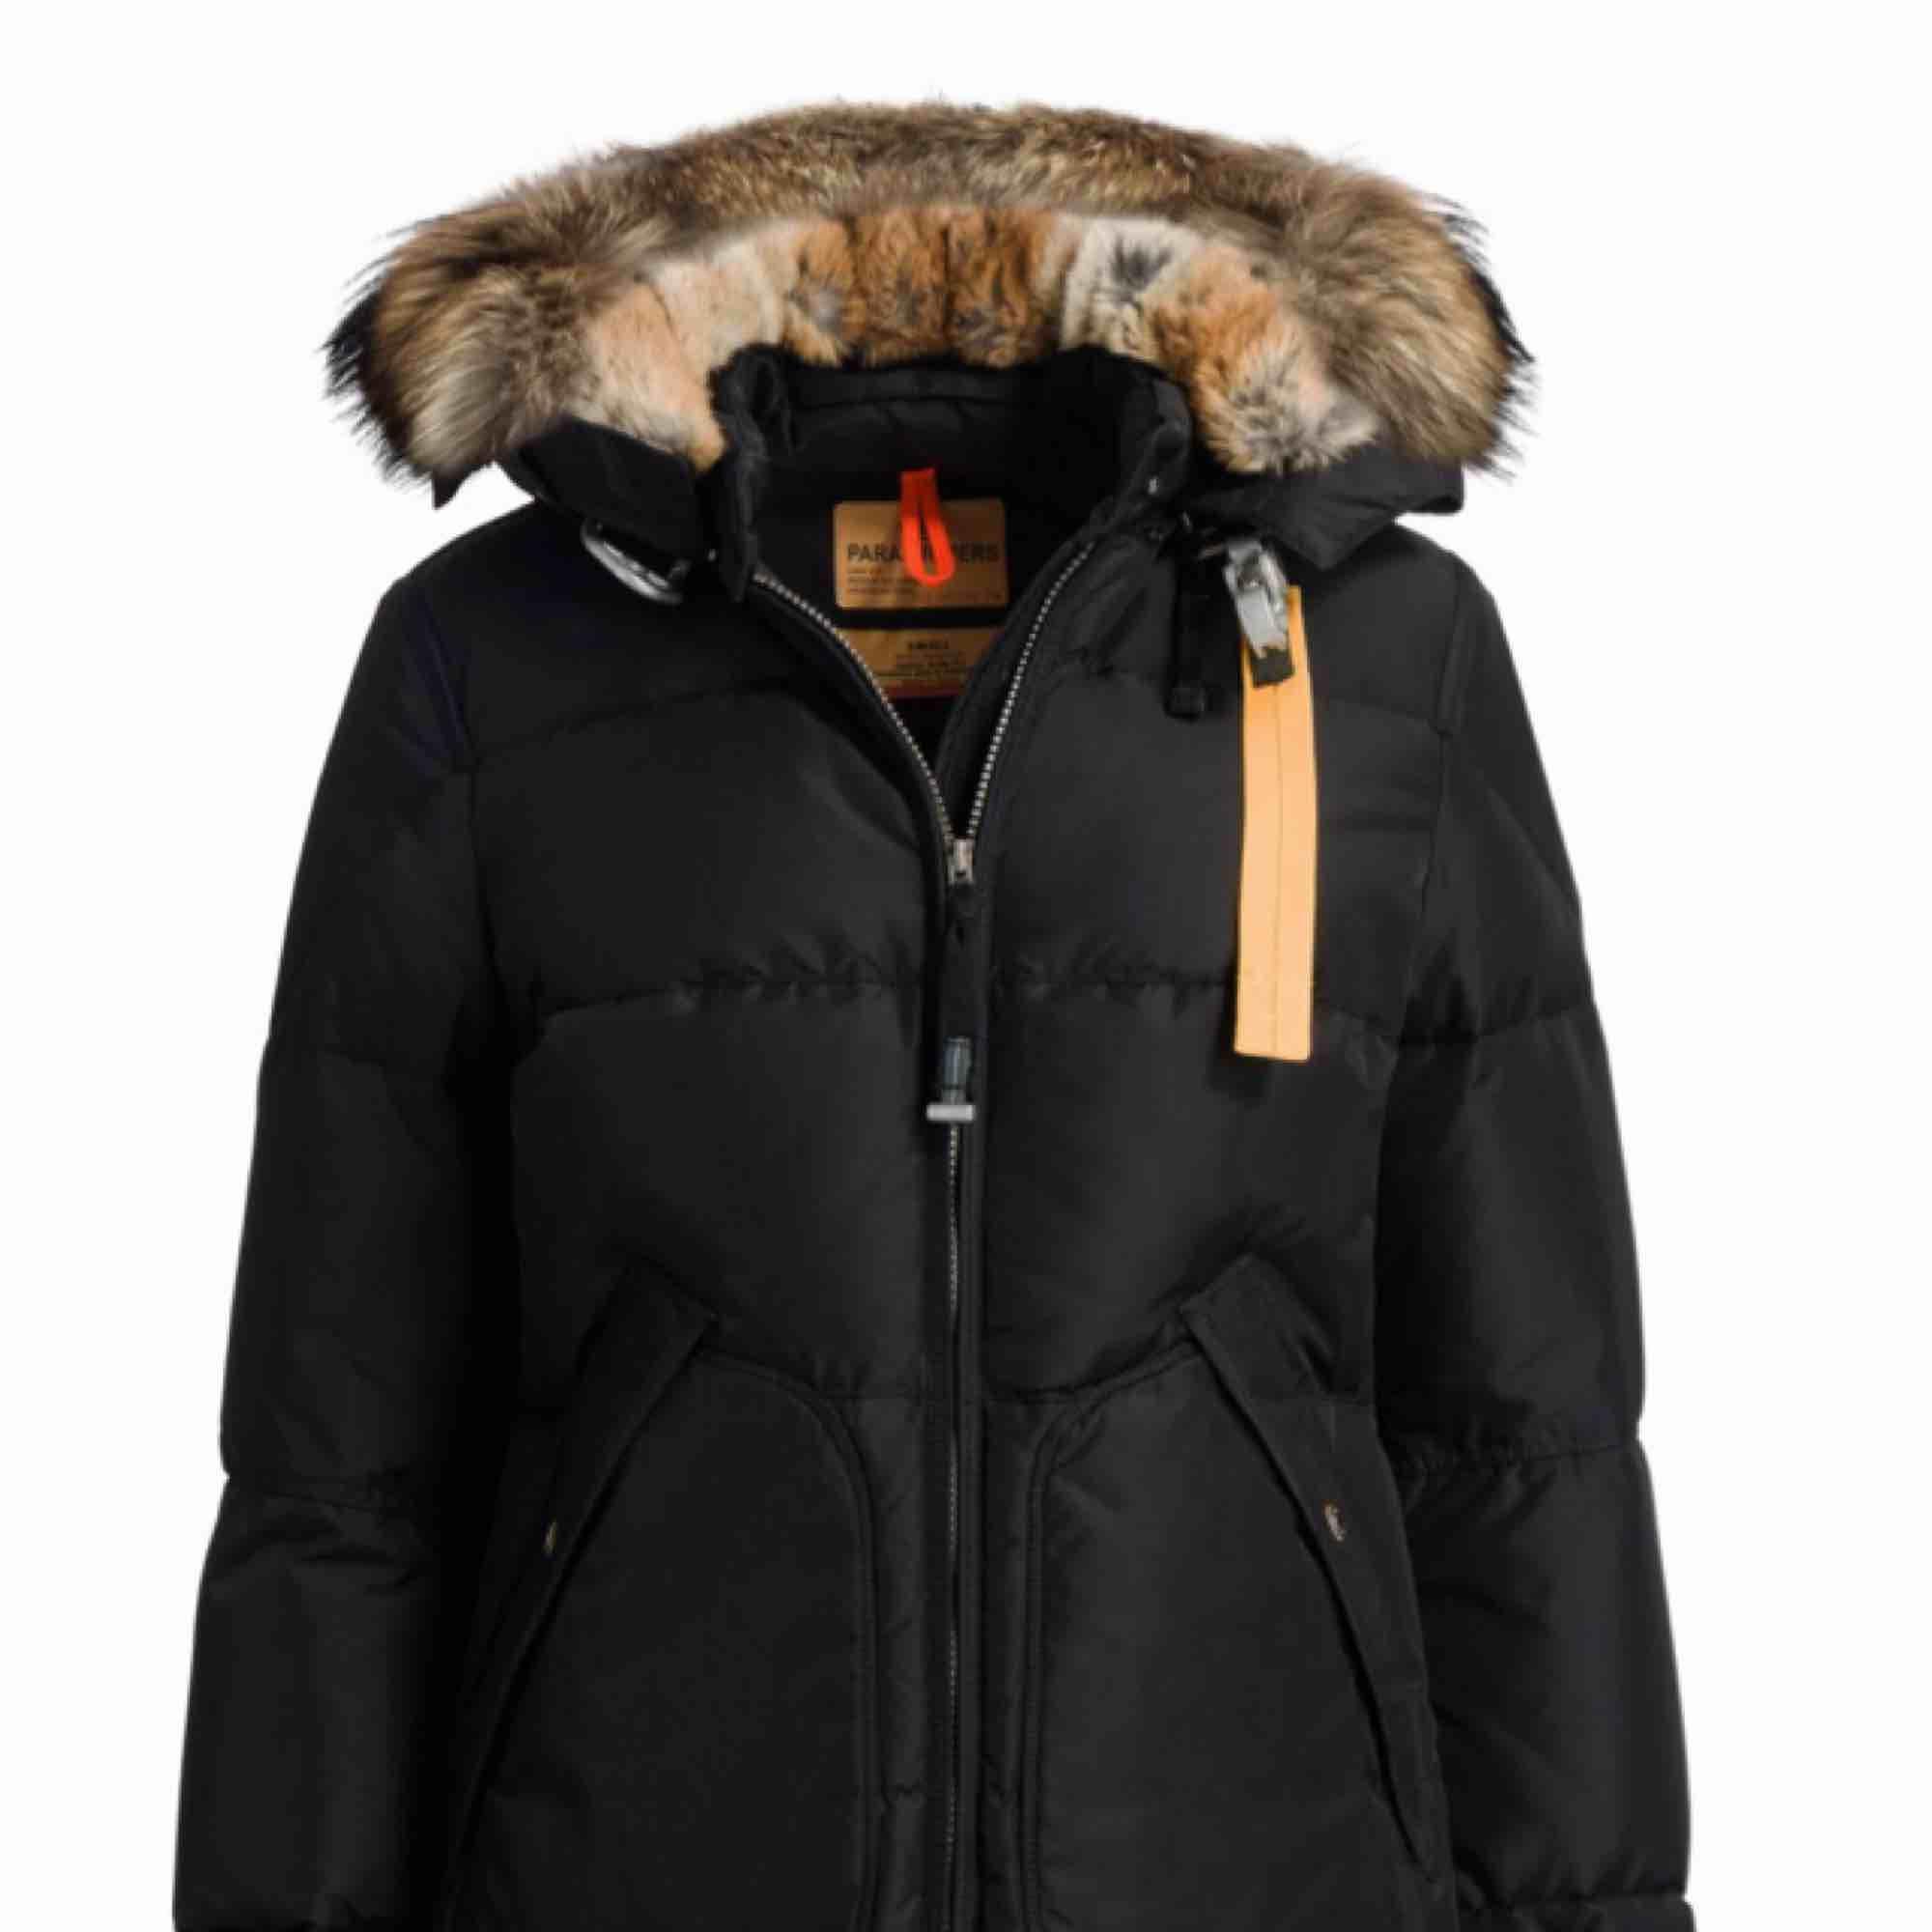 Säljer nu min Parajumper long bear i storlek M. Den är använd endast denna och slutet av förra vintern. Inga hål eller fläckar. Färg:svart ordn pris 9000 kr. Jackor.